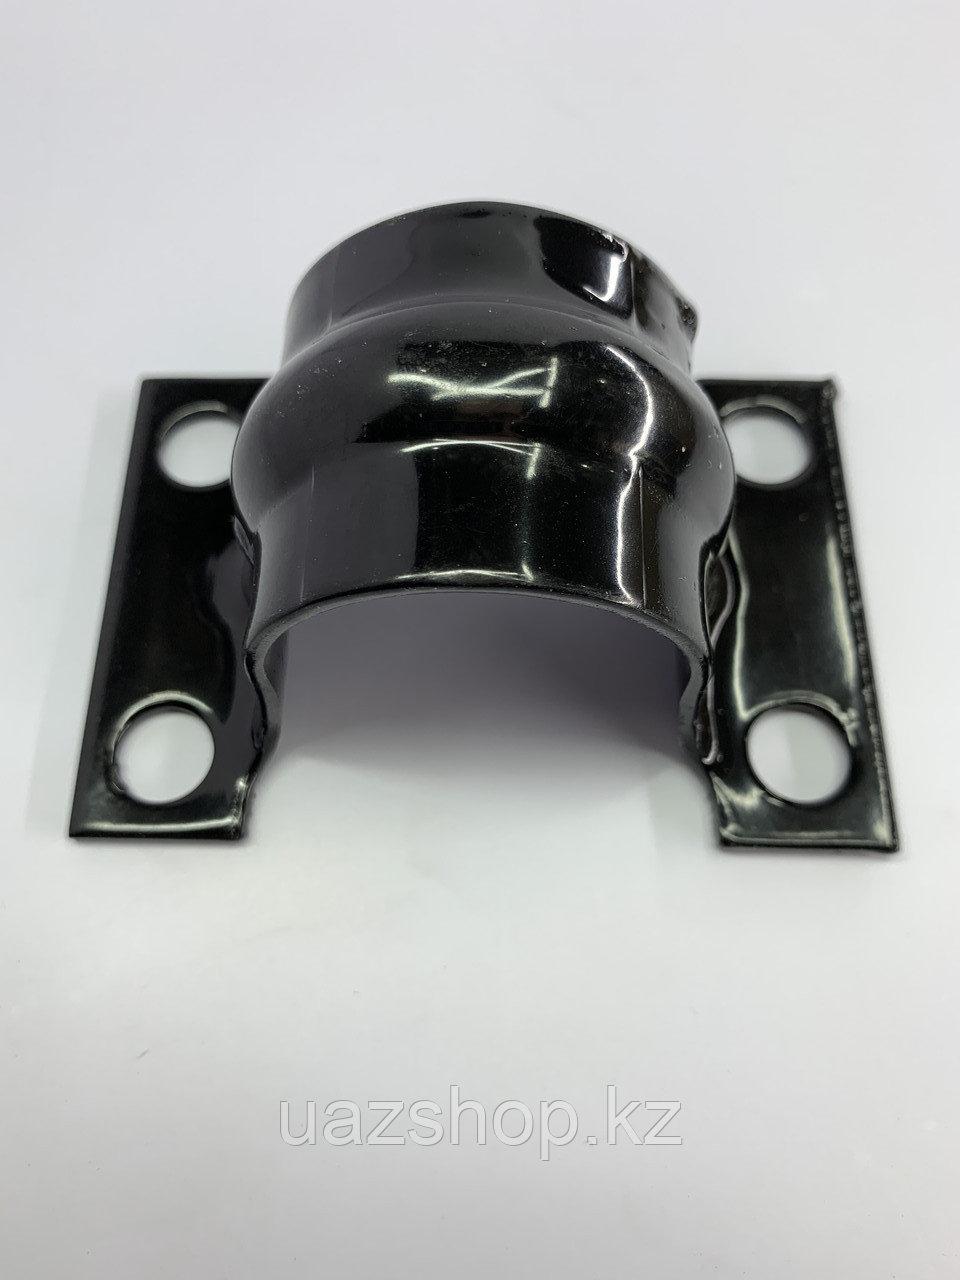 Обойма подушки переднего стабилизатора УАЗ Патриот